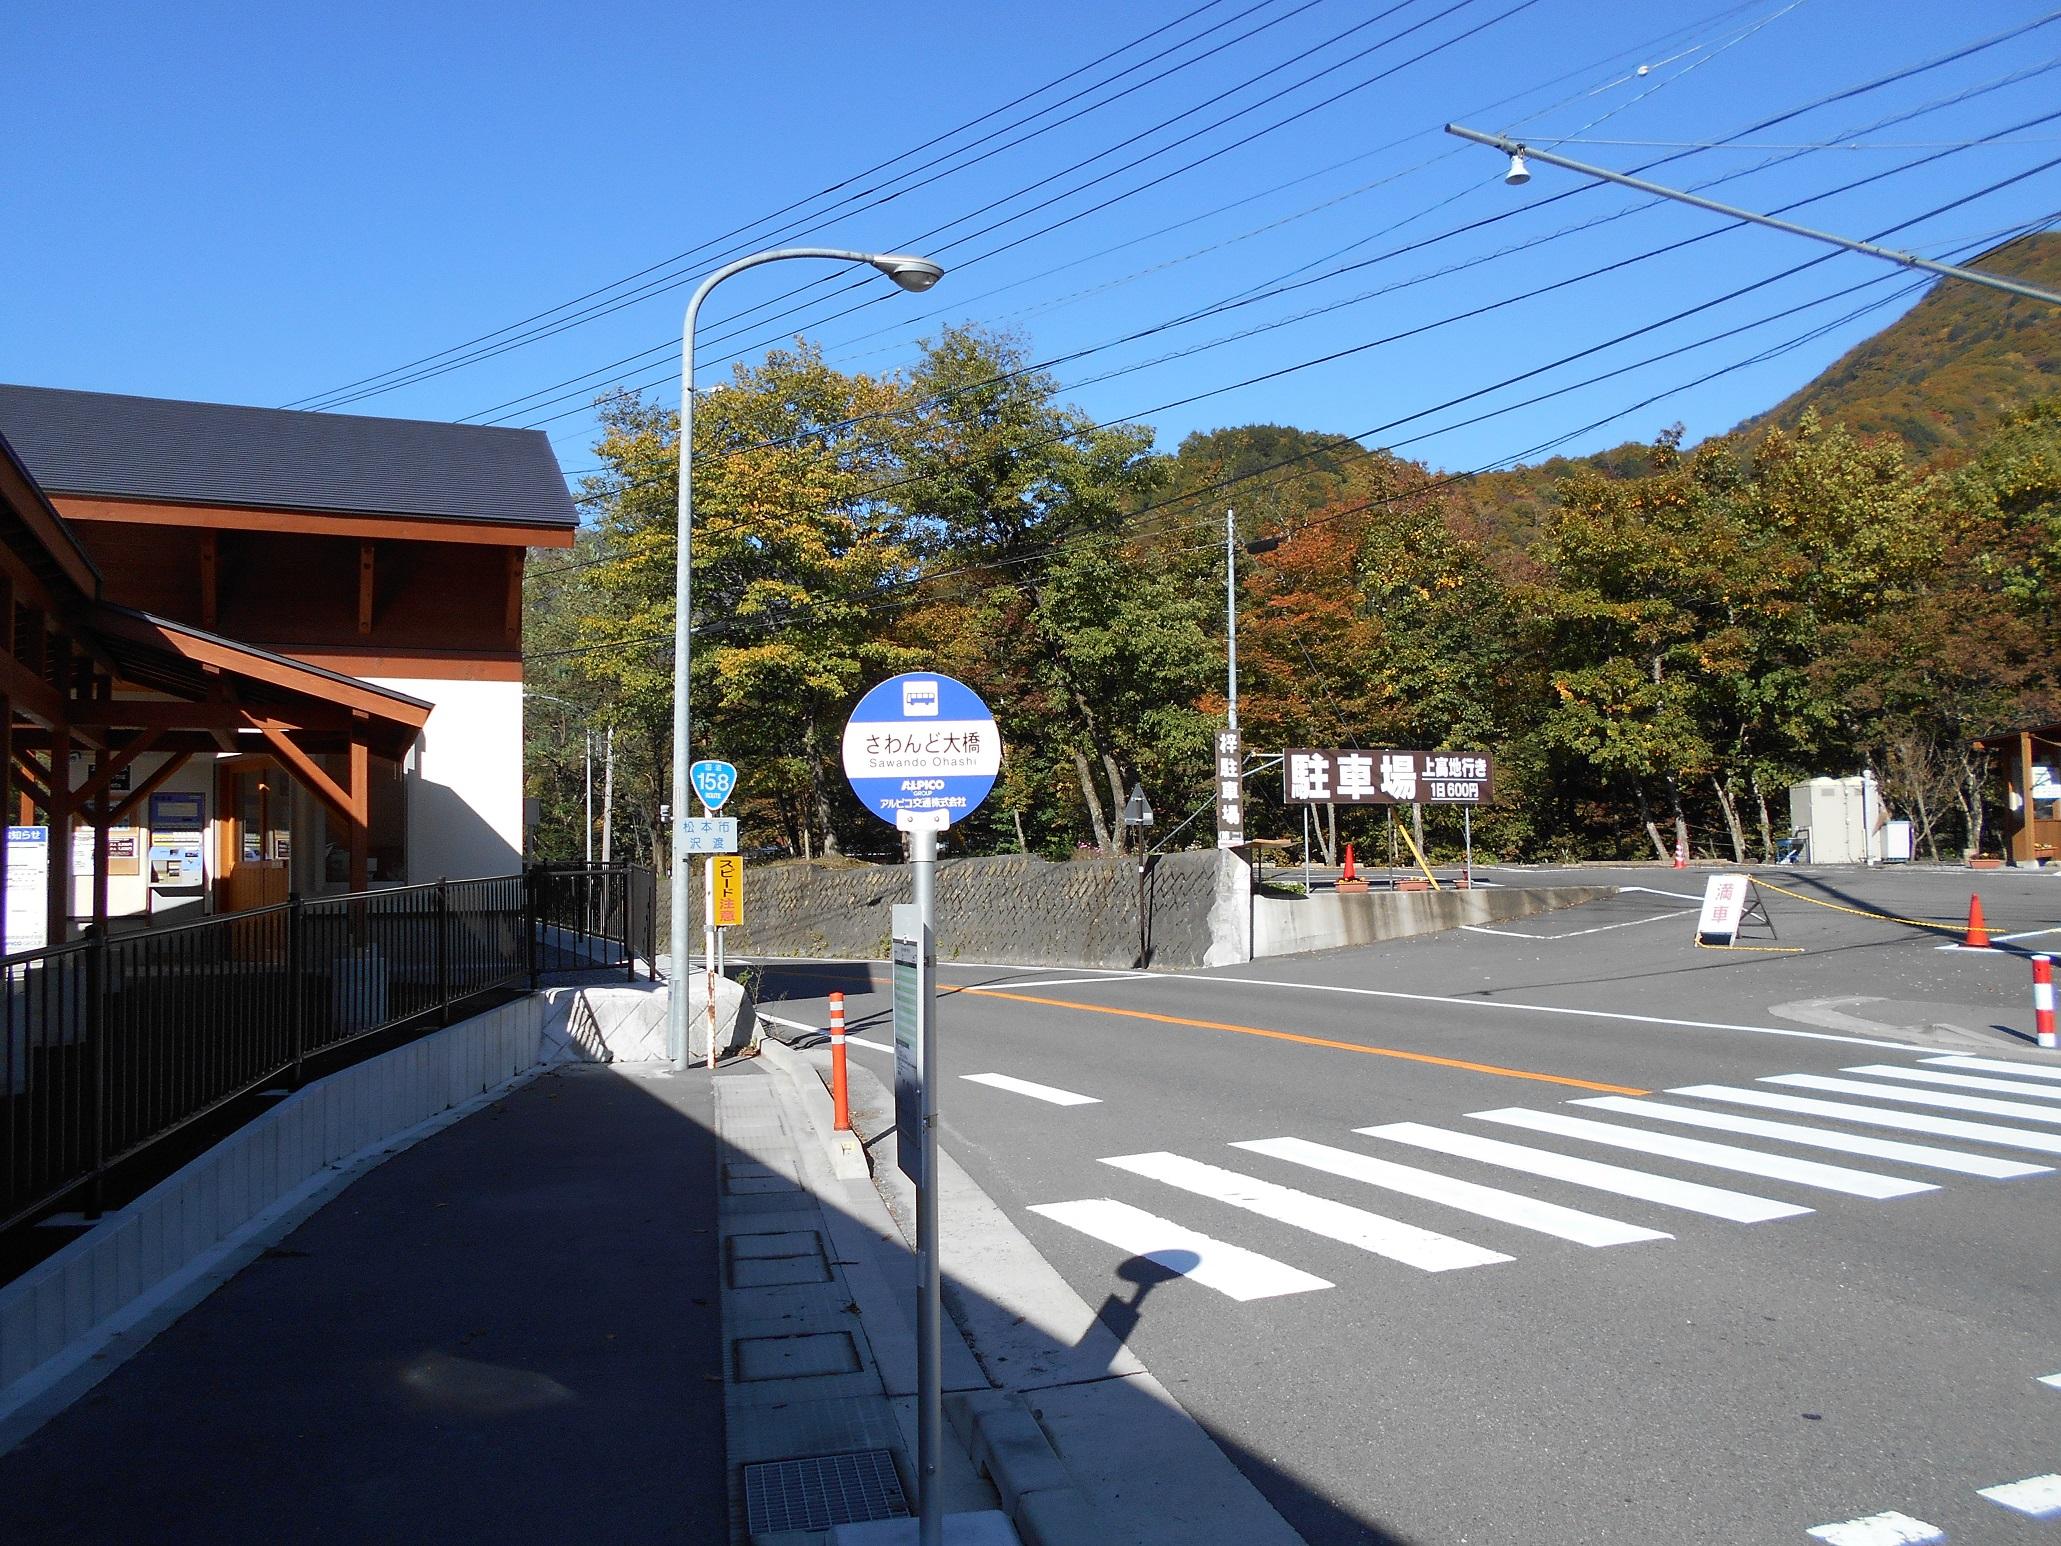 ⑮上高地①沢渡バス停①